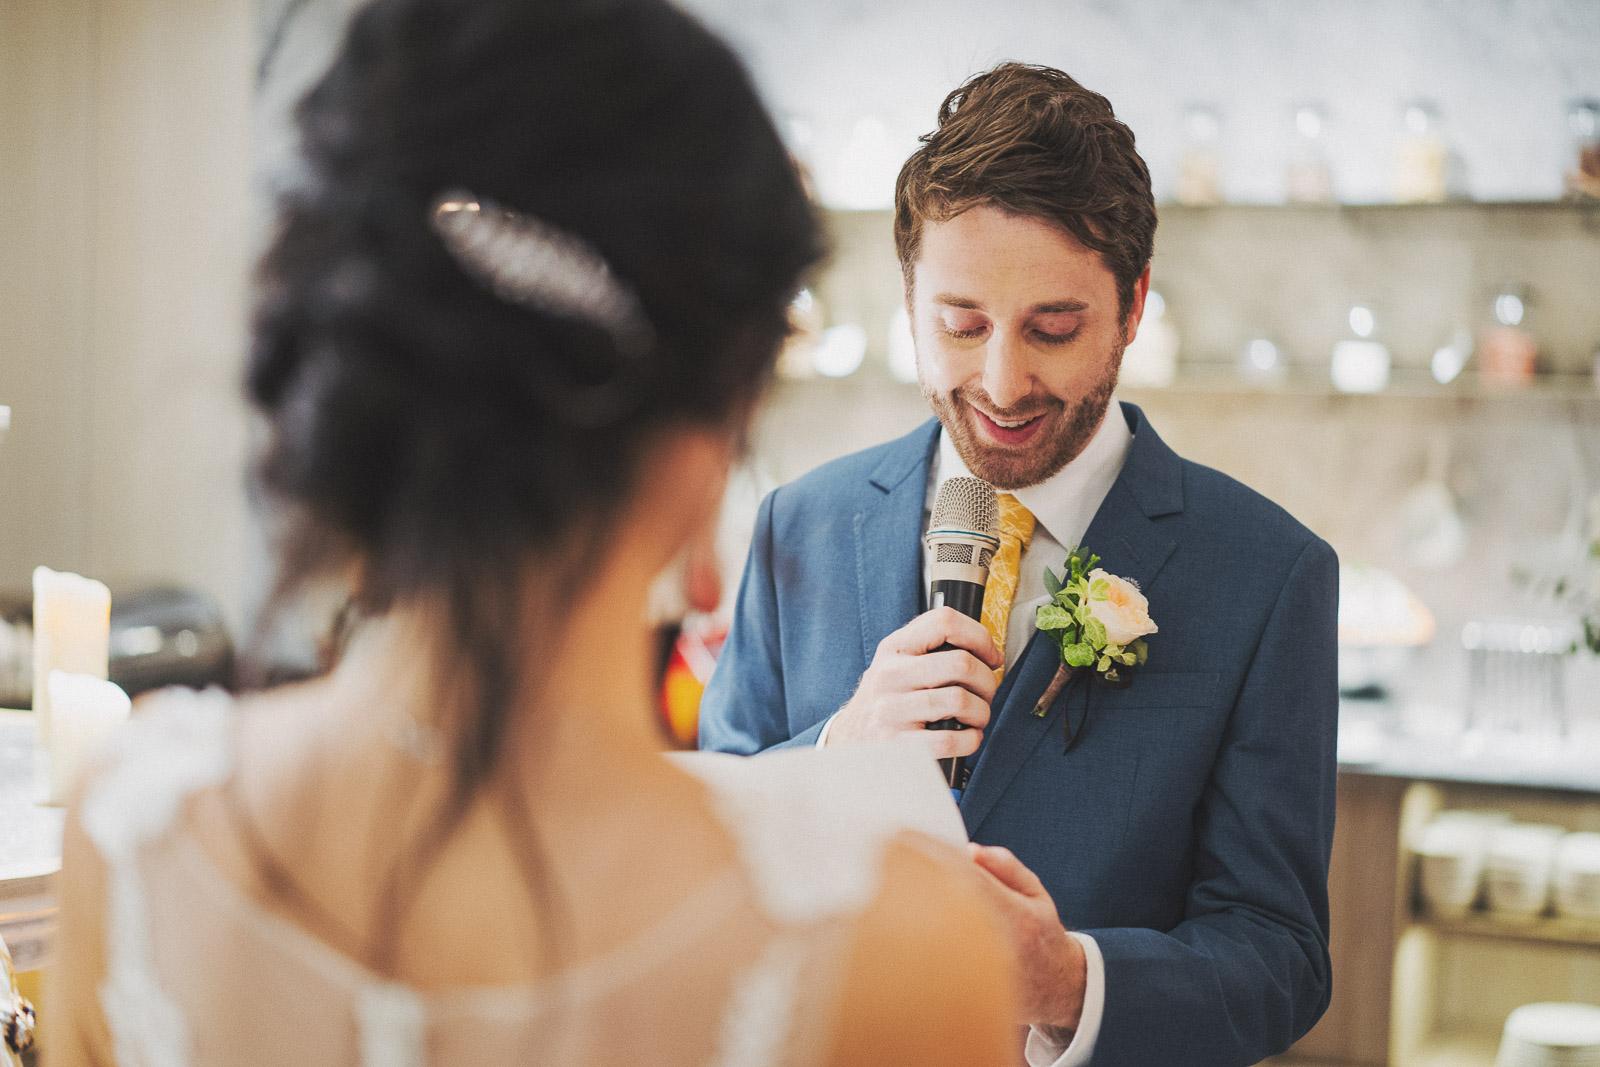 台北婚禮攝影師,婚禮攝影purefoto